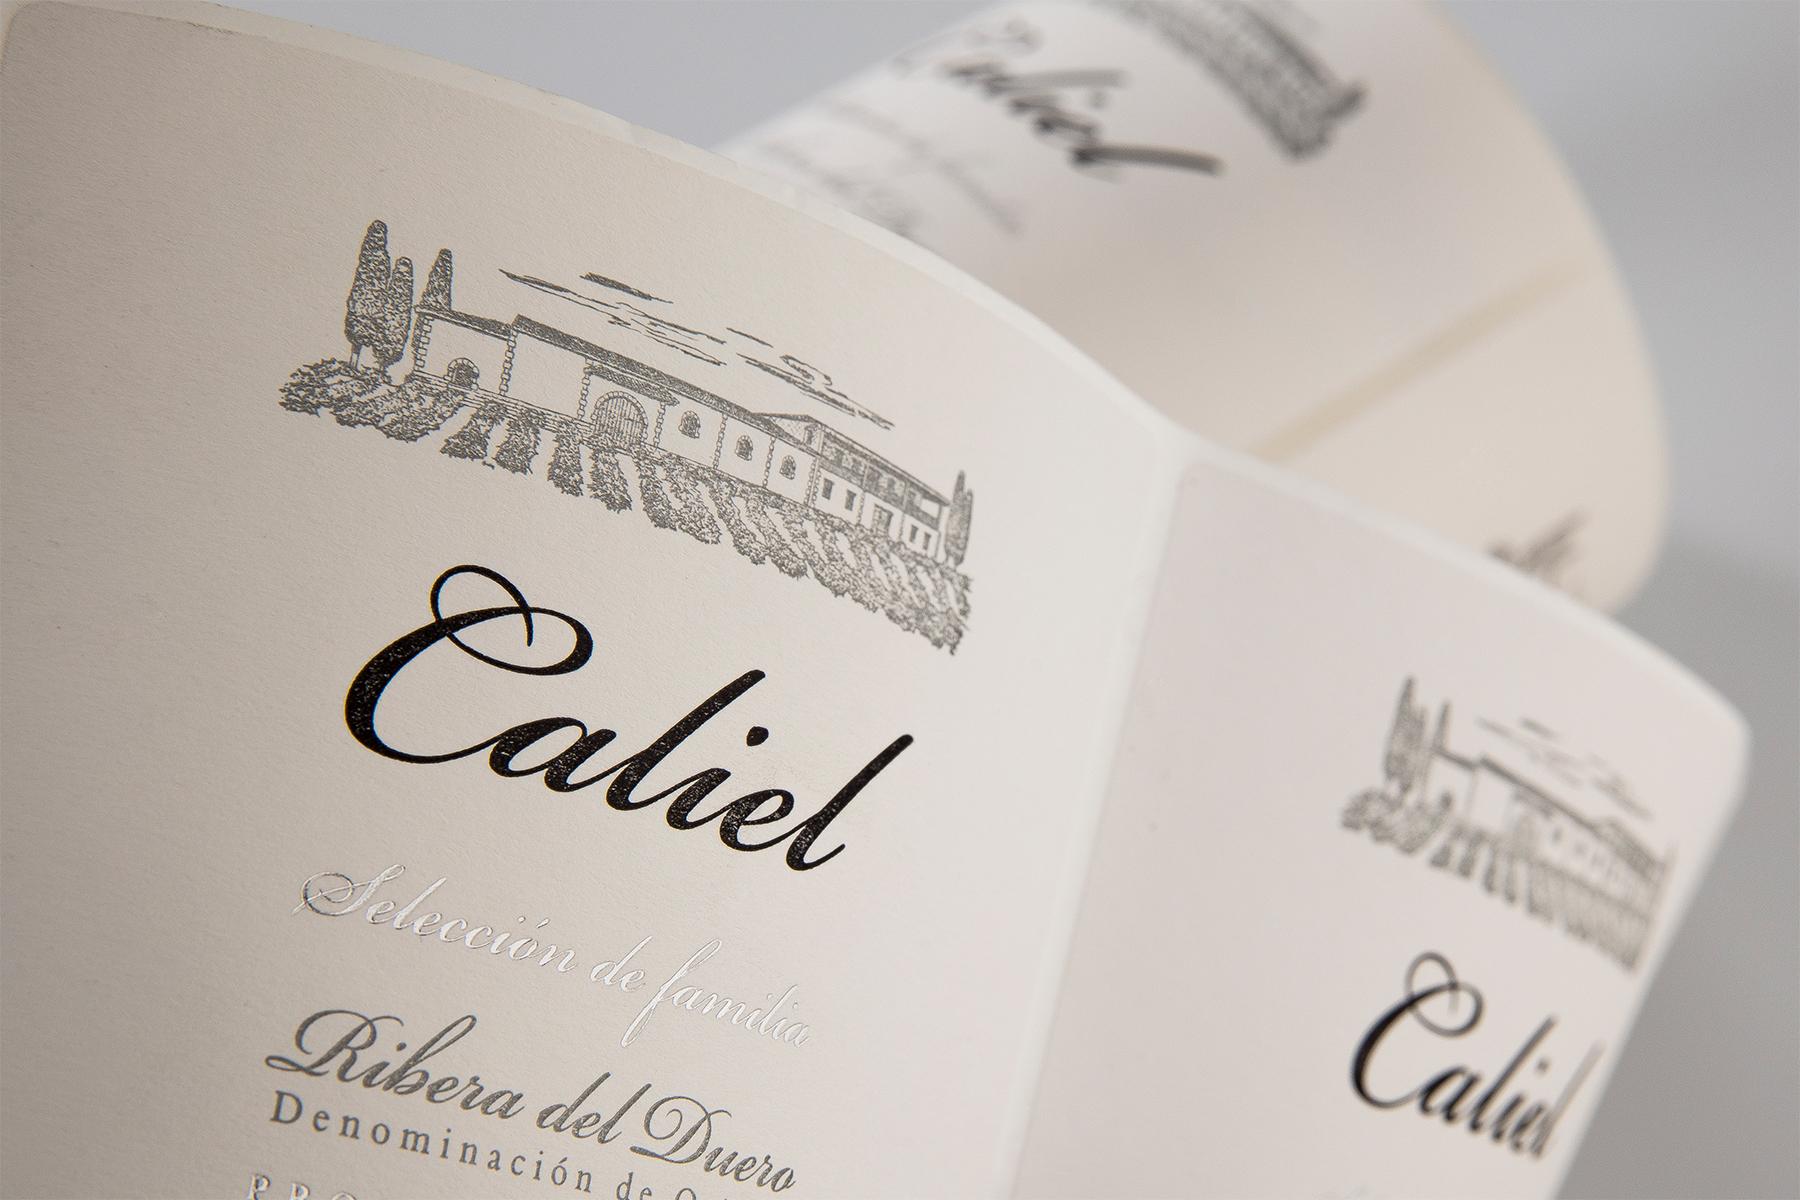 Etiqueta vino Caliel